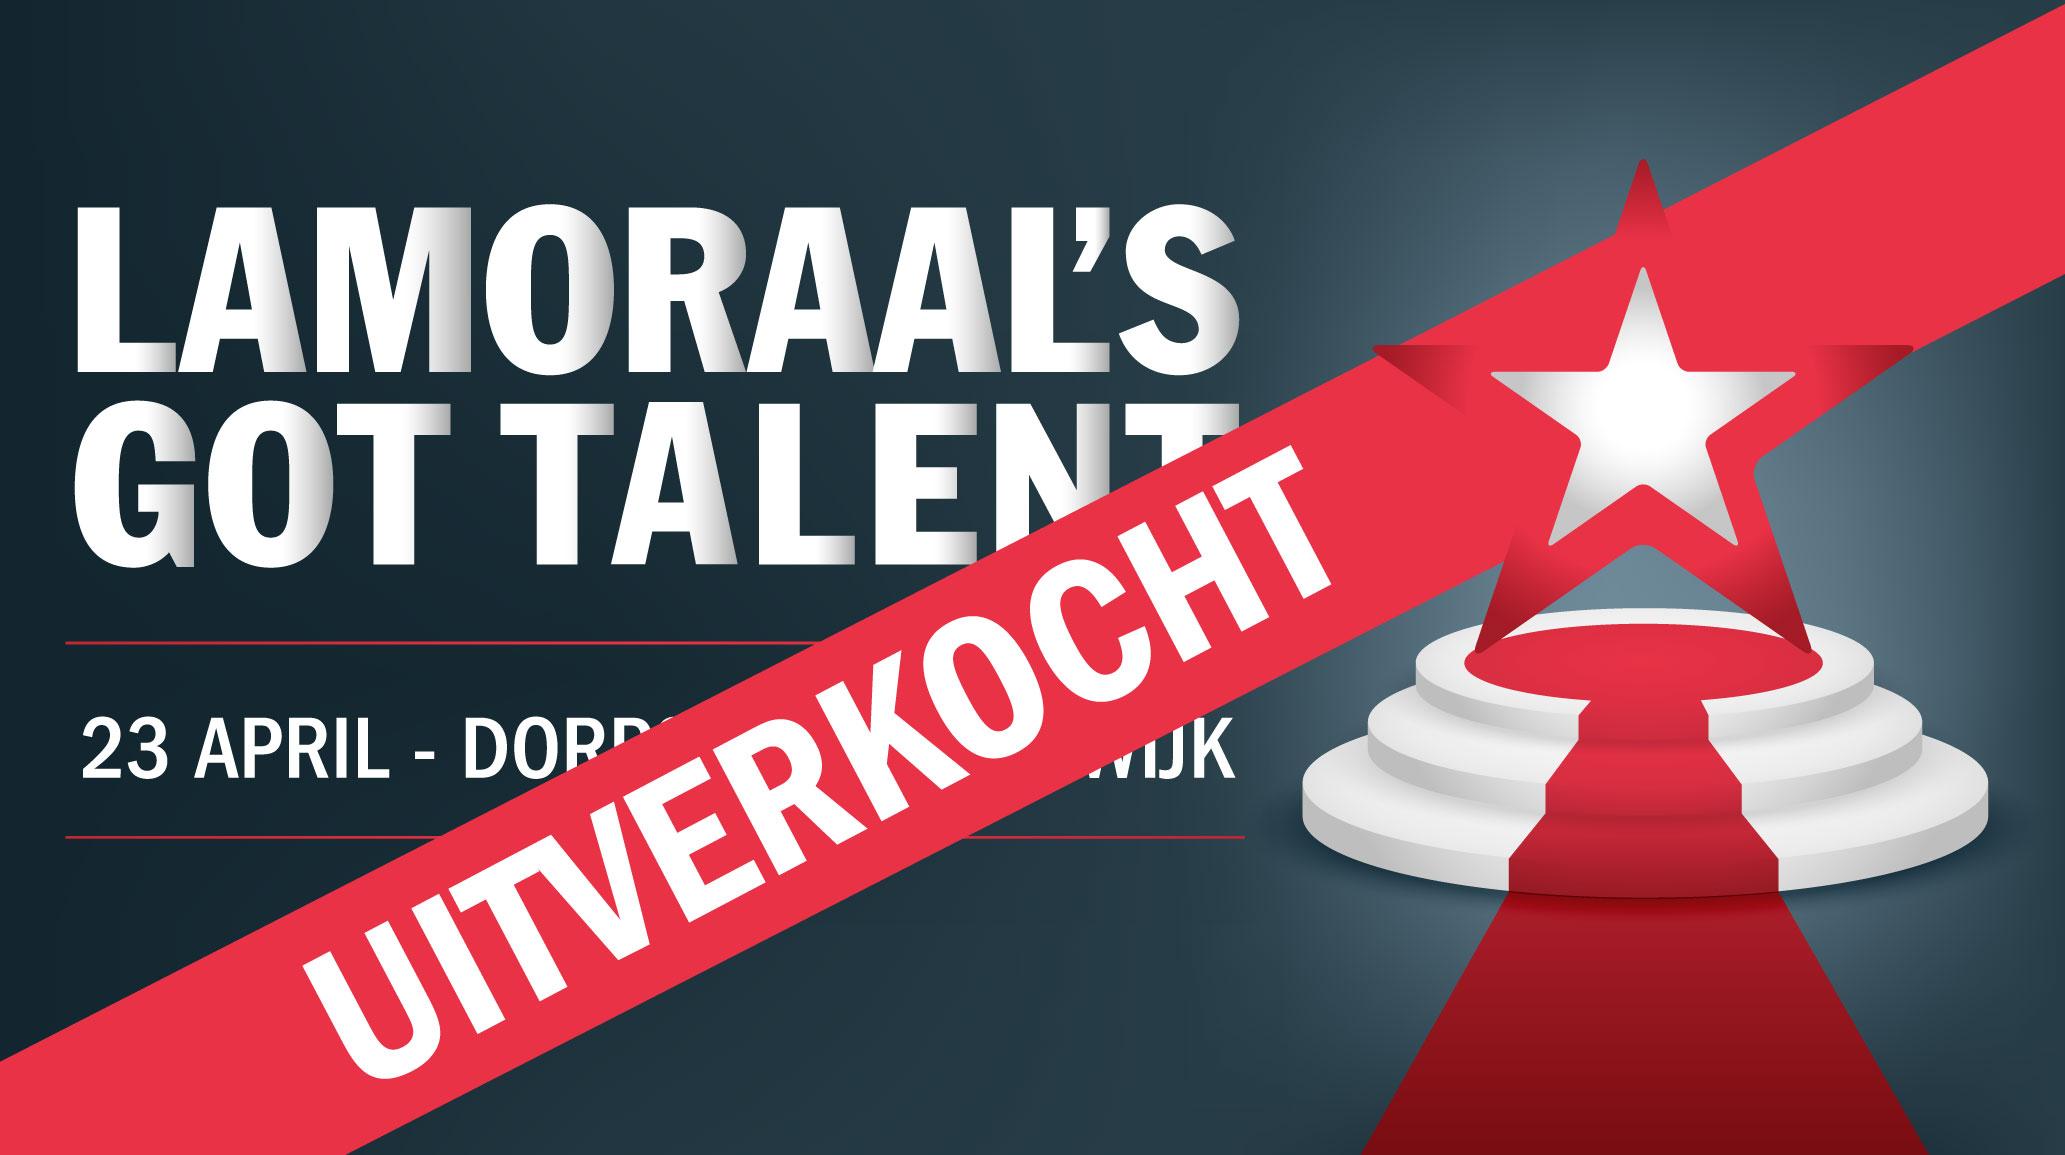 Lamoraal's got Talent is uitverkocht!